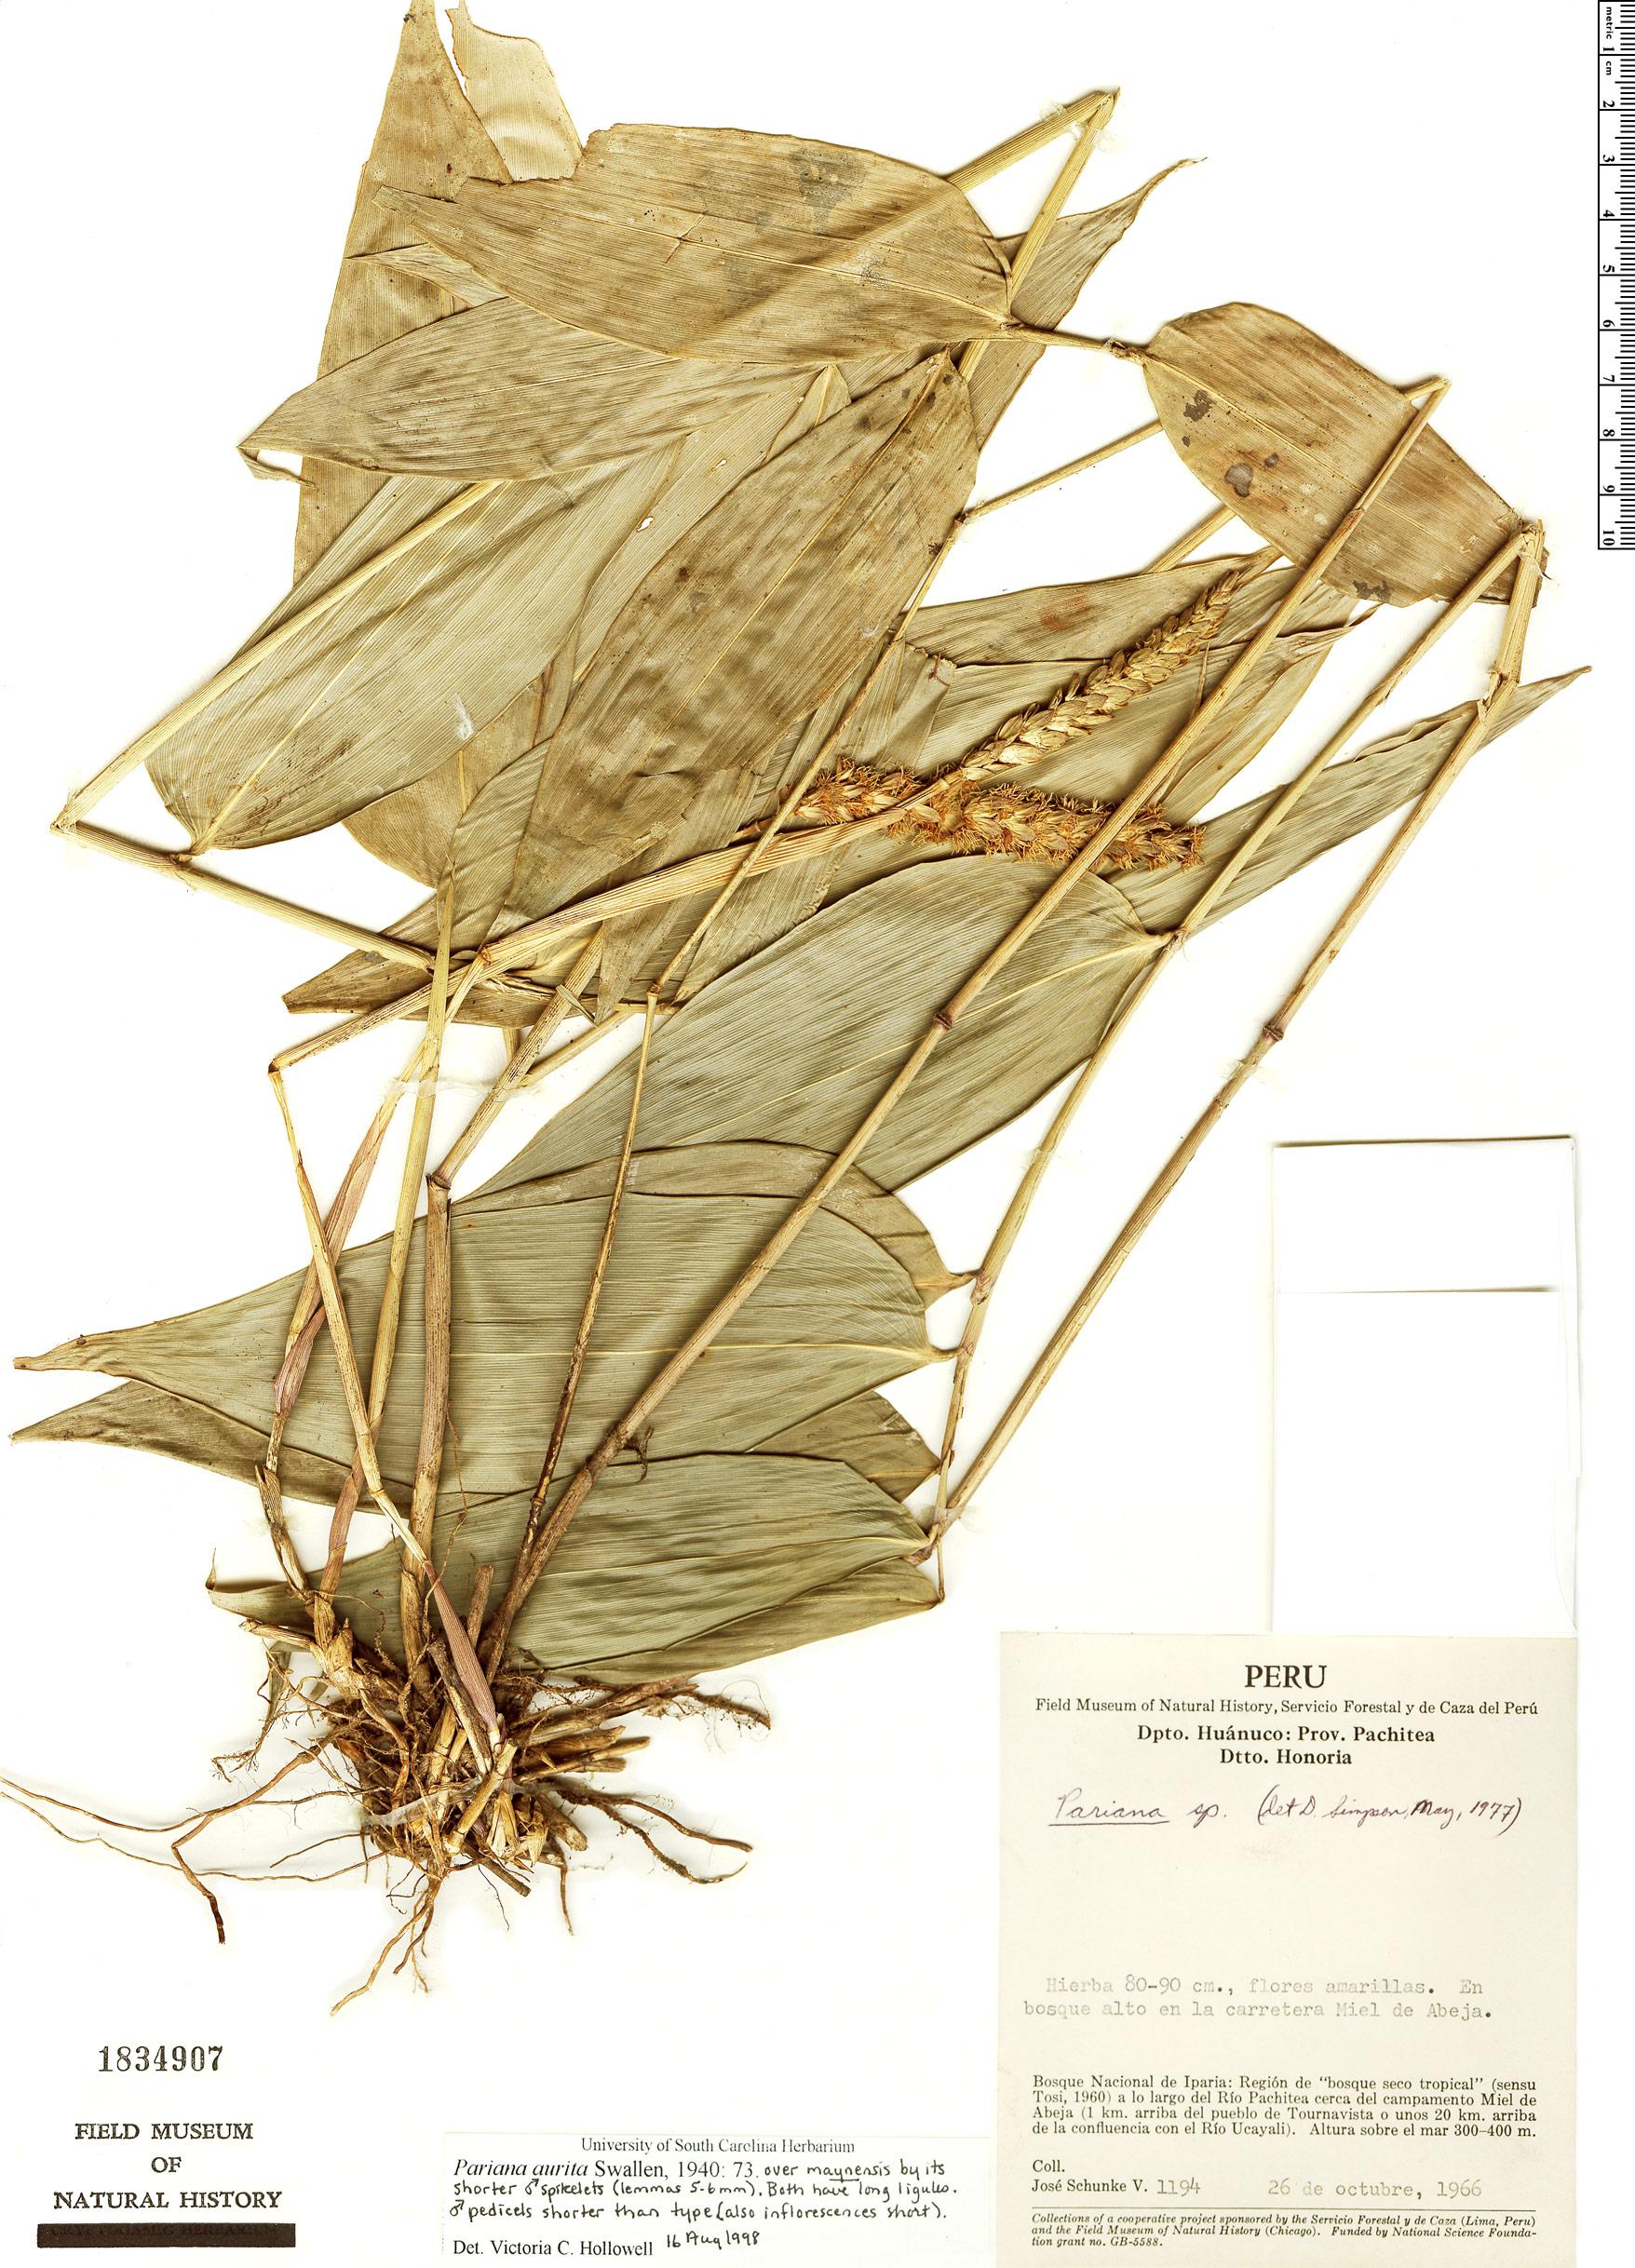 Specimen: Pariana aurita